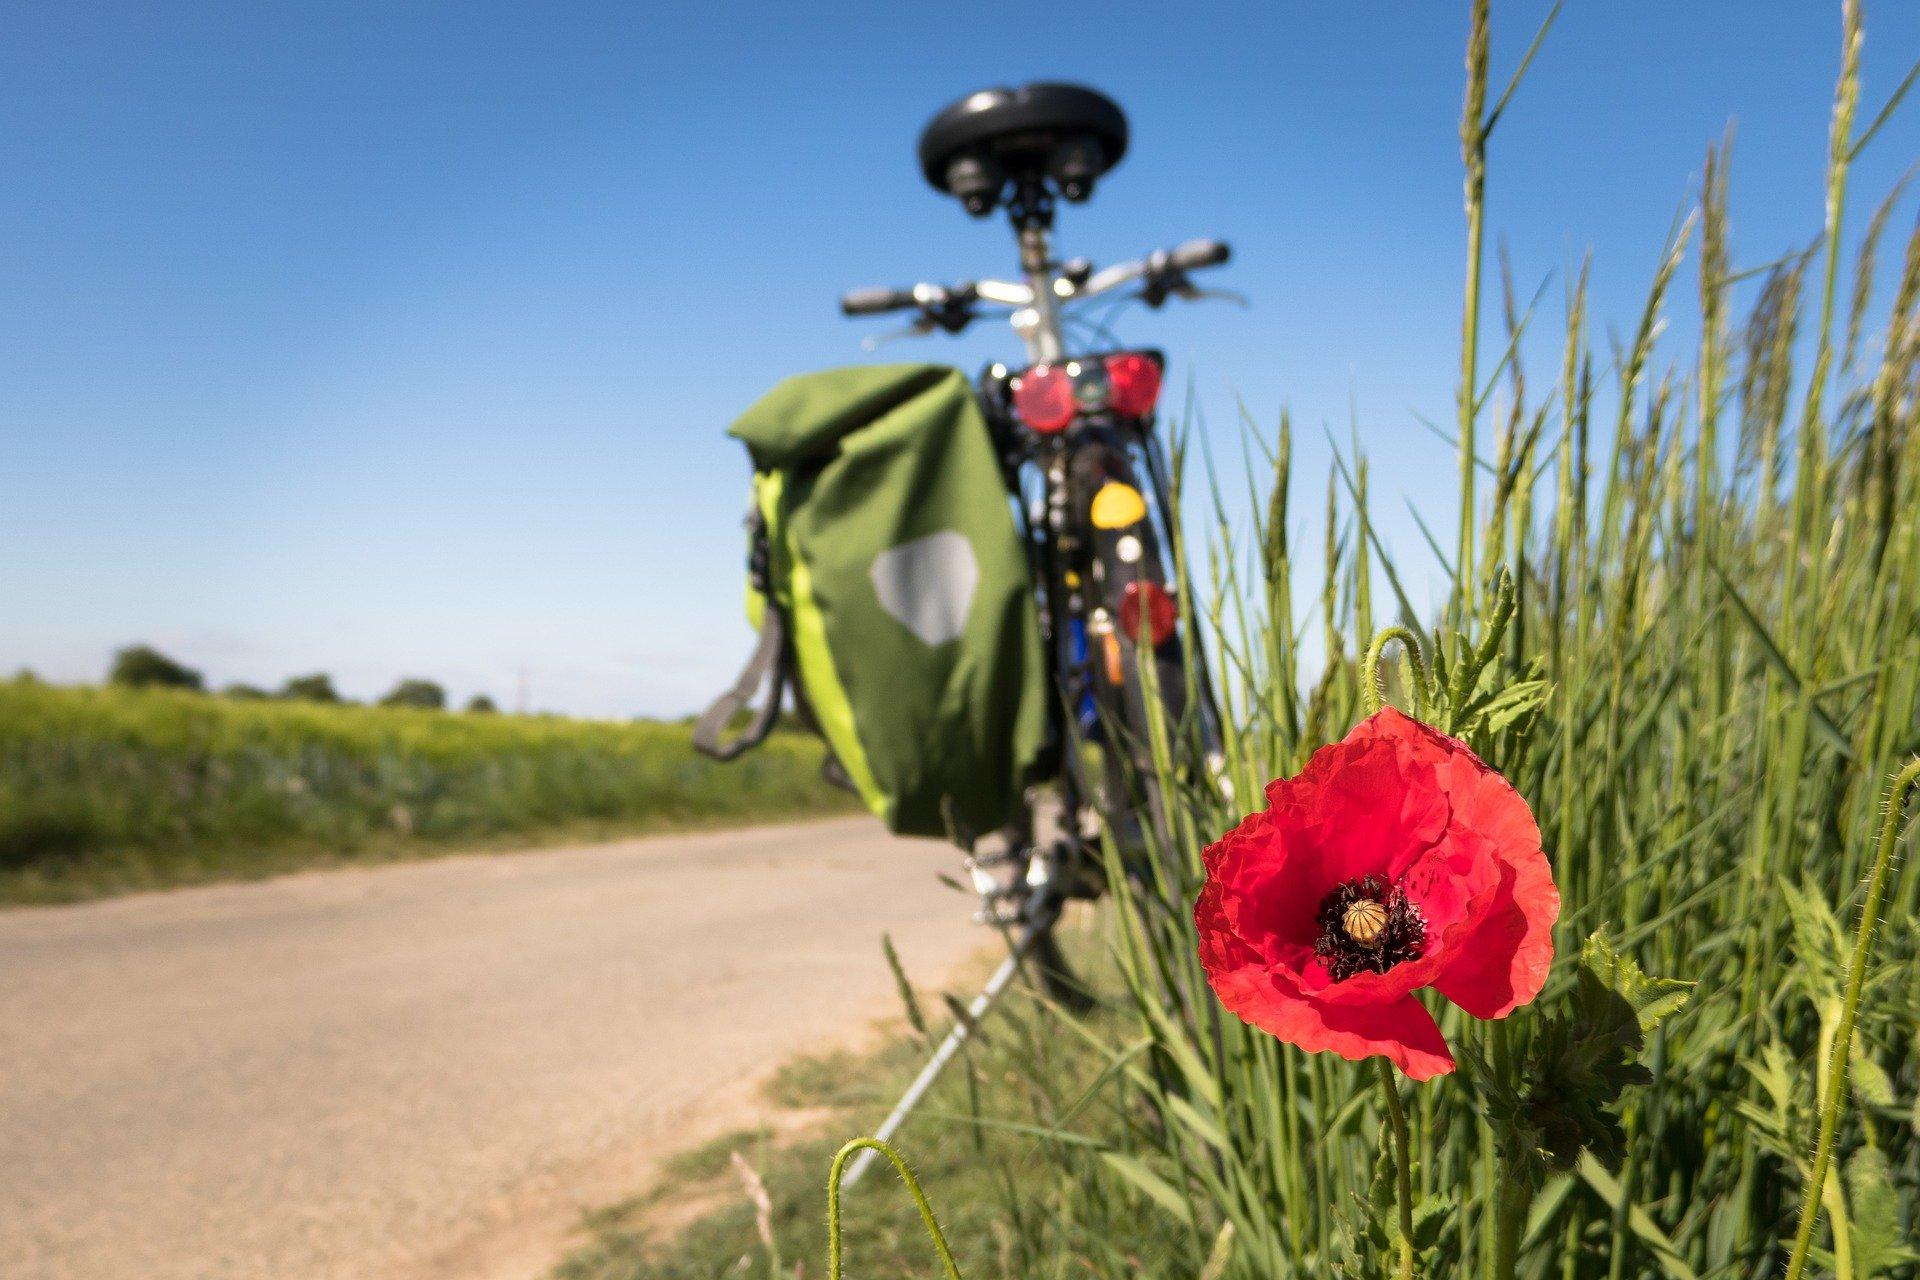 SAVE THE DATE: Wald, Wiese und Wein – GRÜNE Promi-Radtour im Main-Taunus-Kreis